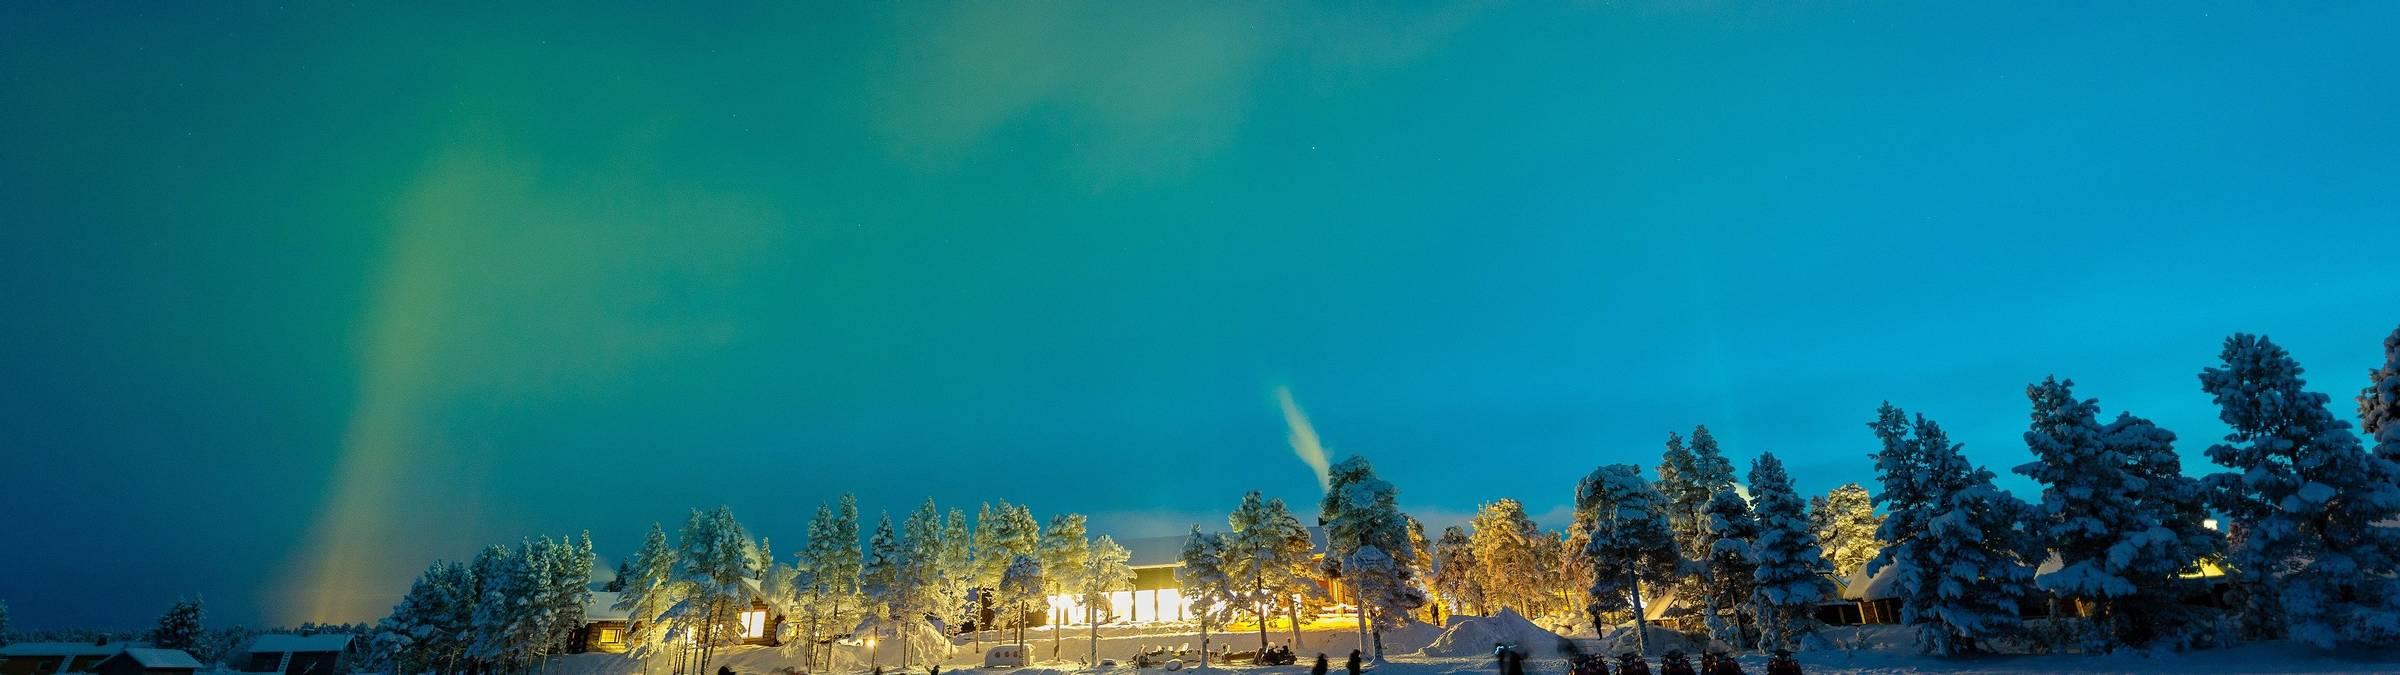 Wilderness_Hotel_Inari_NortherLights_1 RESIZED.jpg